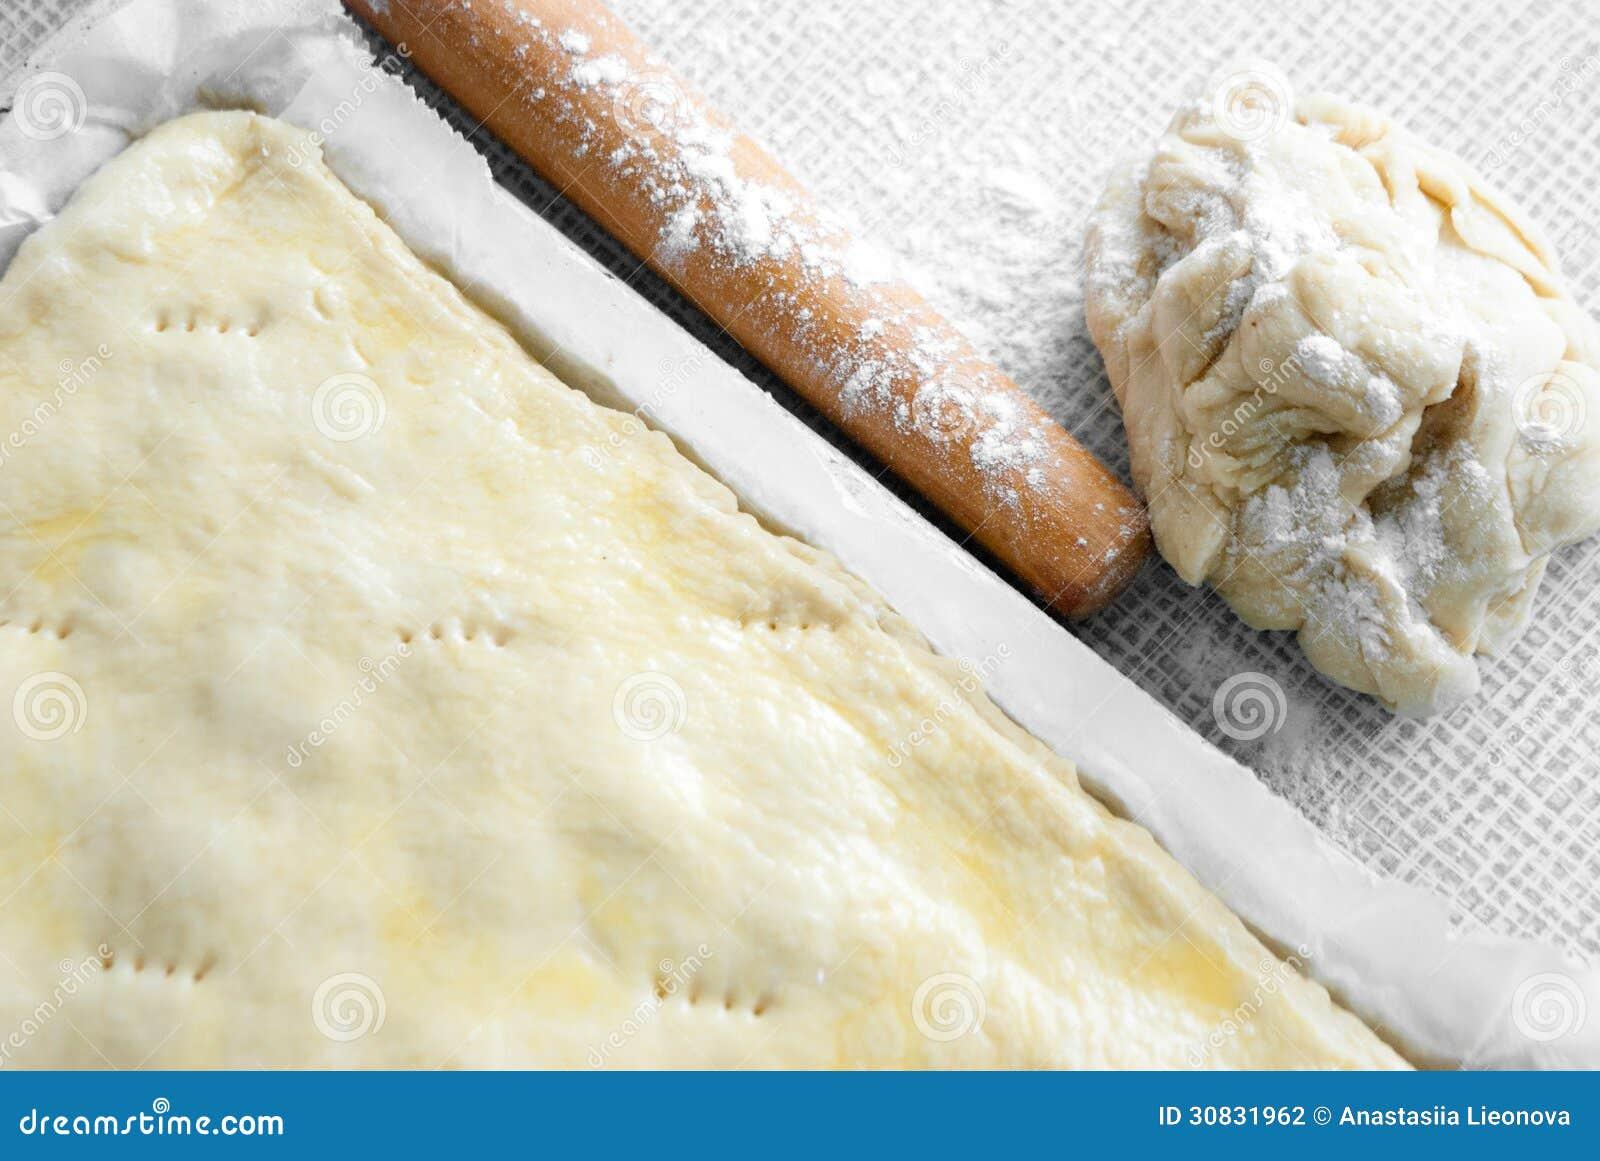 Matterello con pasta appena preparato